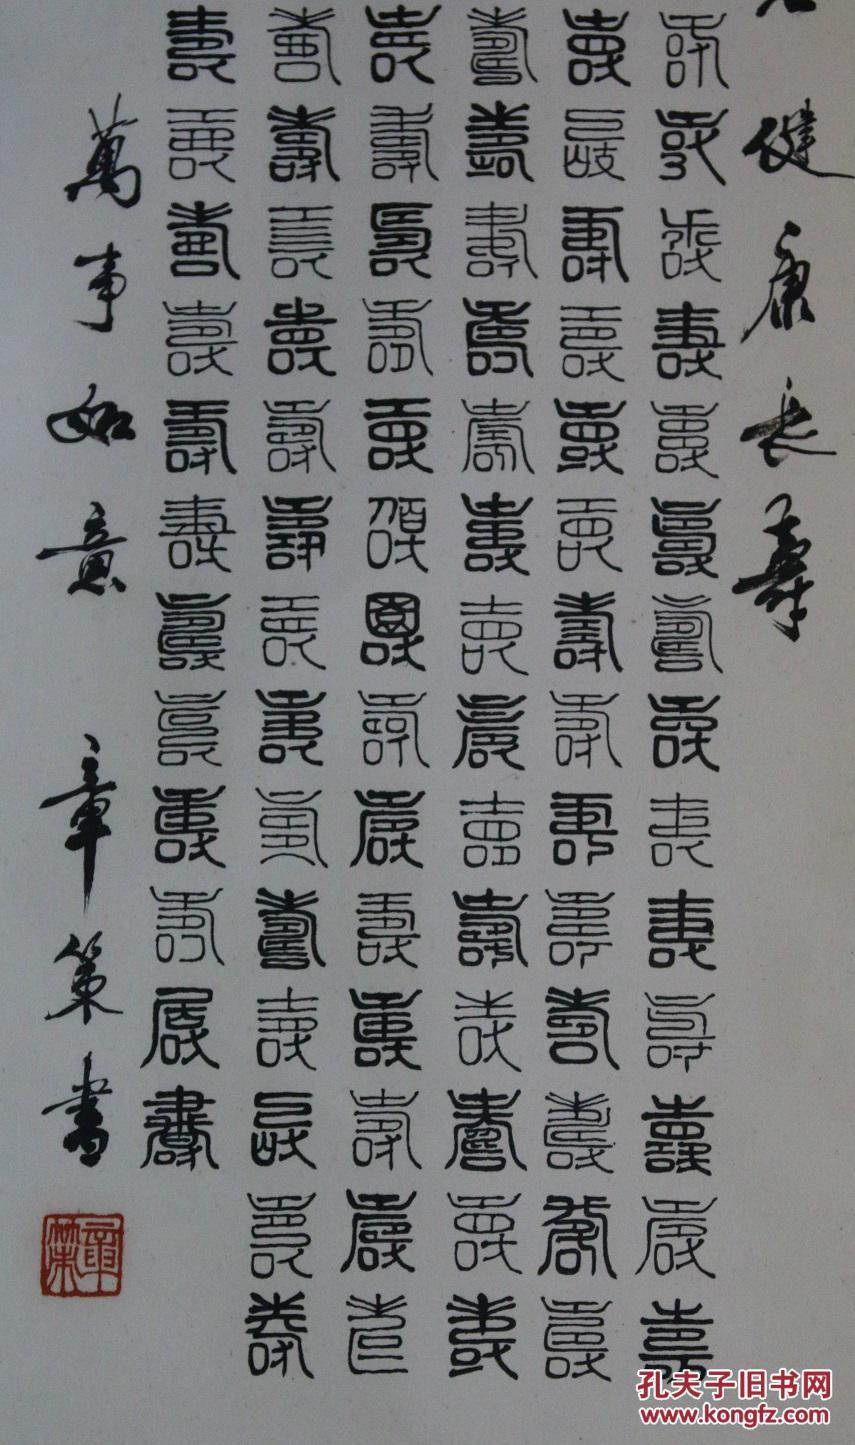 书法精品《百寿图》 海外回流字画 挂轴 立轴 中国山水画 国画 花鸟